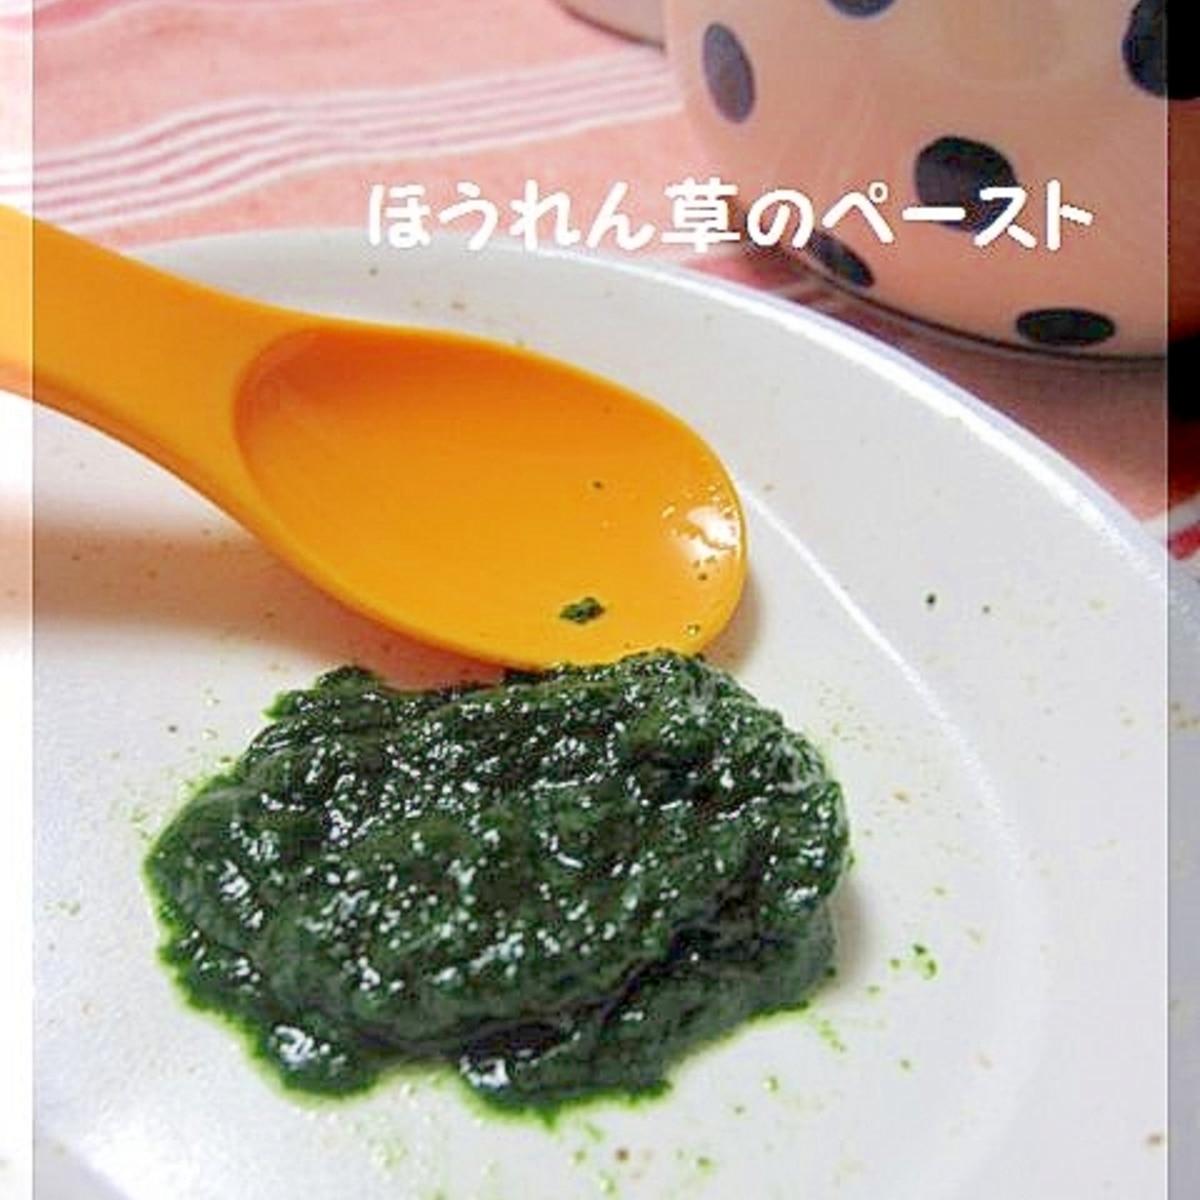 離乳食 ほうれん草 【超簡単】ほうれん草の離乳食レシピ8選(初期〜完了期)!レンジ加熱や冷凍術も写真で解説!